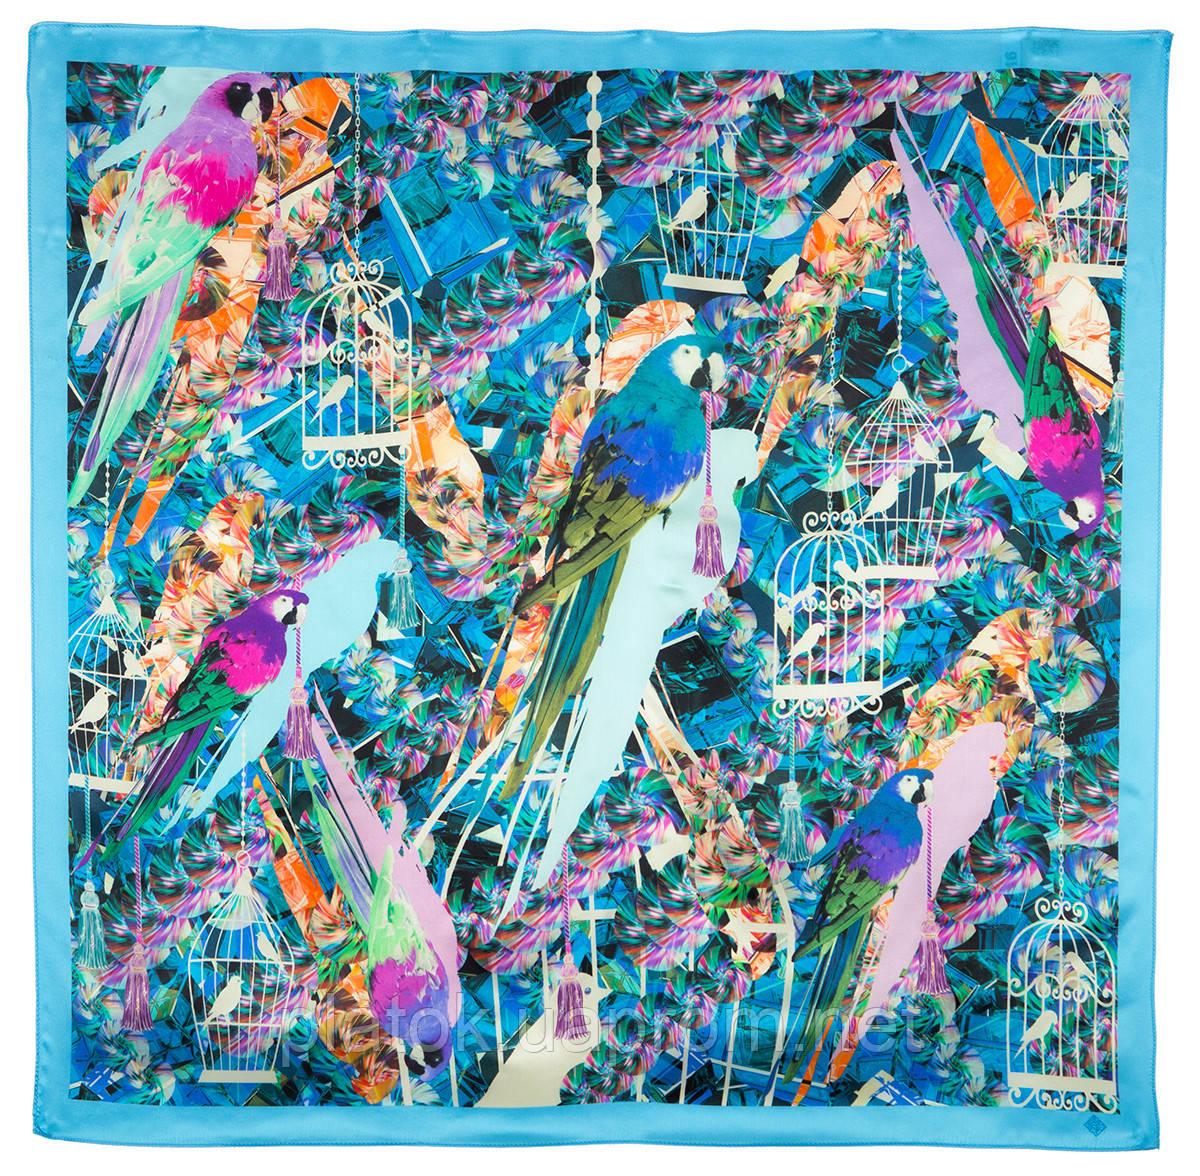 Платок шелковый (атлас) 10101-12, павлопосадский платок (атлас) шелковый с подрубкой